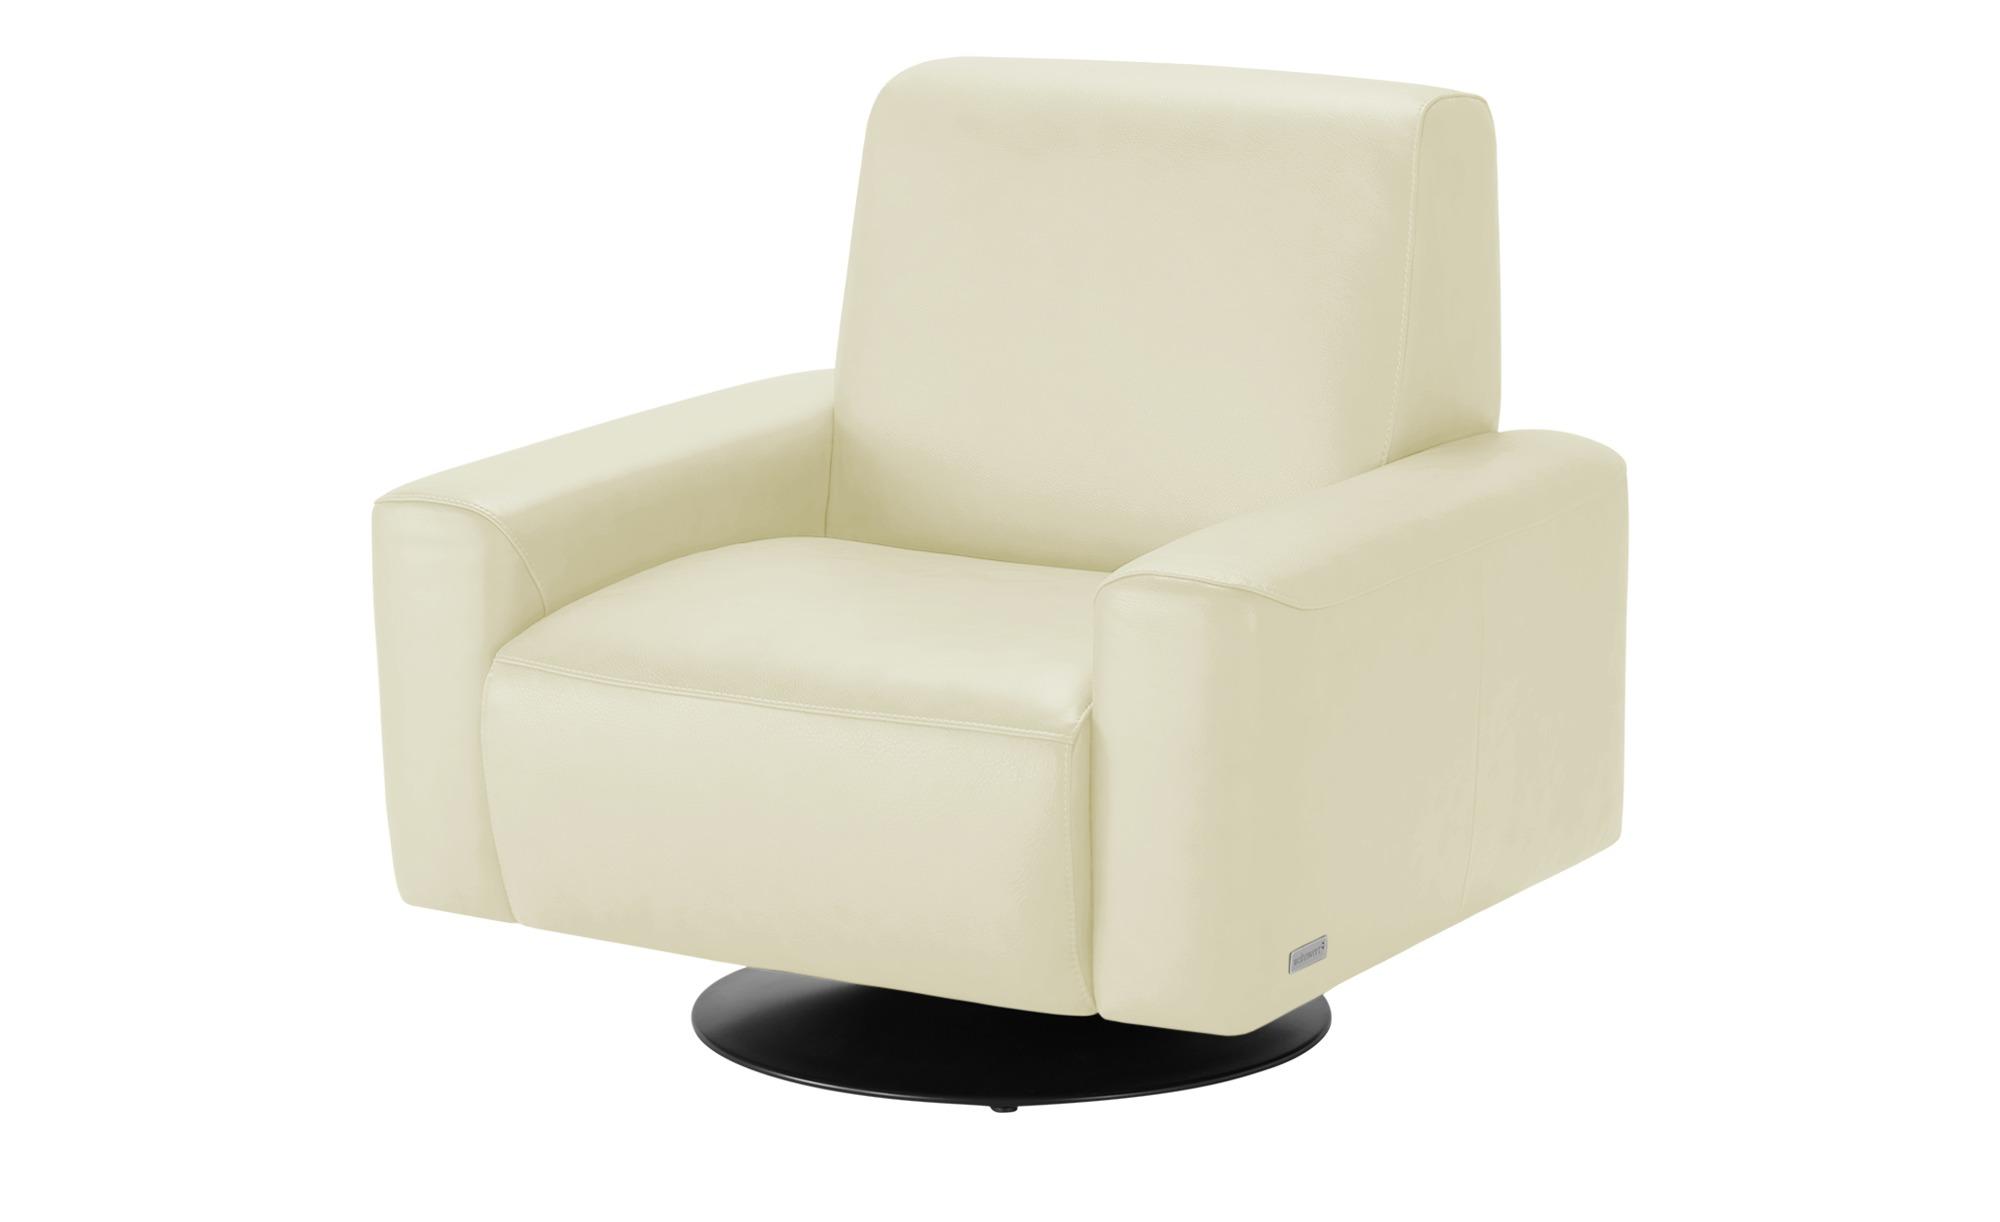 Wohnwert Drehsessel  Lisa ¦ creme ¦ Maße (cm): B: 94 H: 88 T: 90 Polstermöbel > Sessel > Drehsessel - Höffner